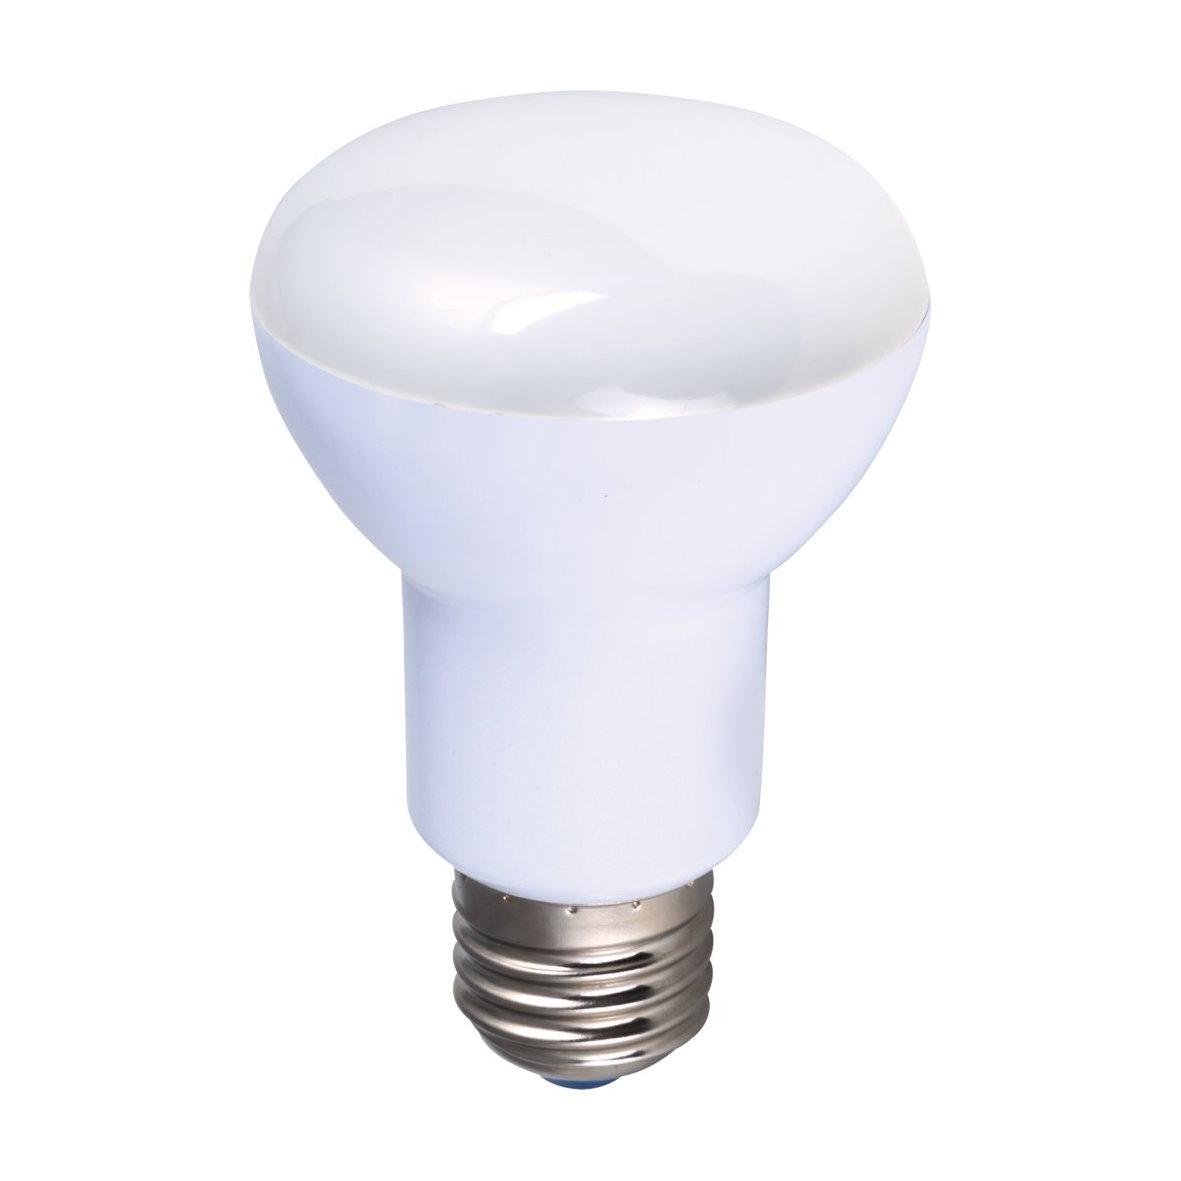 del ampoule ampoules r s rie r flecteur lampe lumi re projecteur spot 230 v smd cob ebay. Black Bedroom Furniture Sets. Home Design Ideas